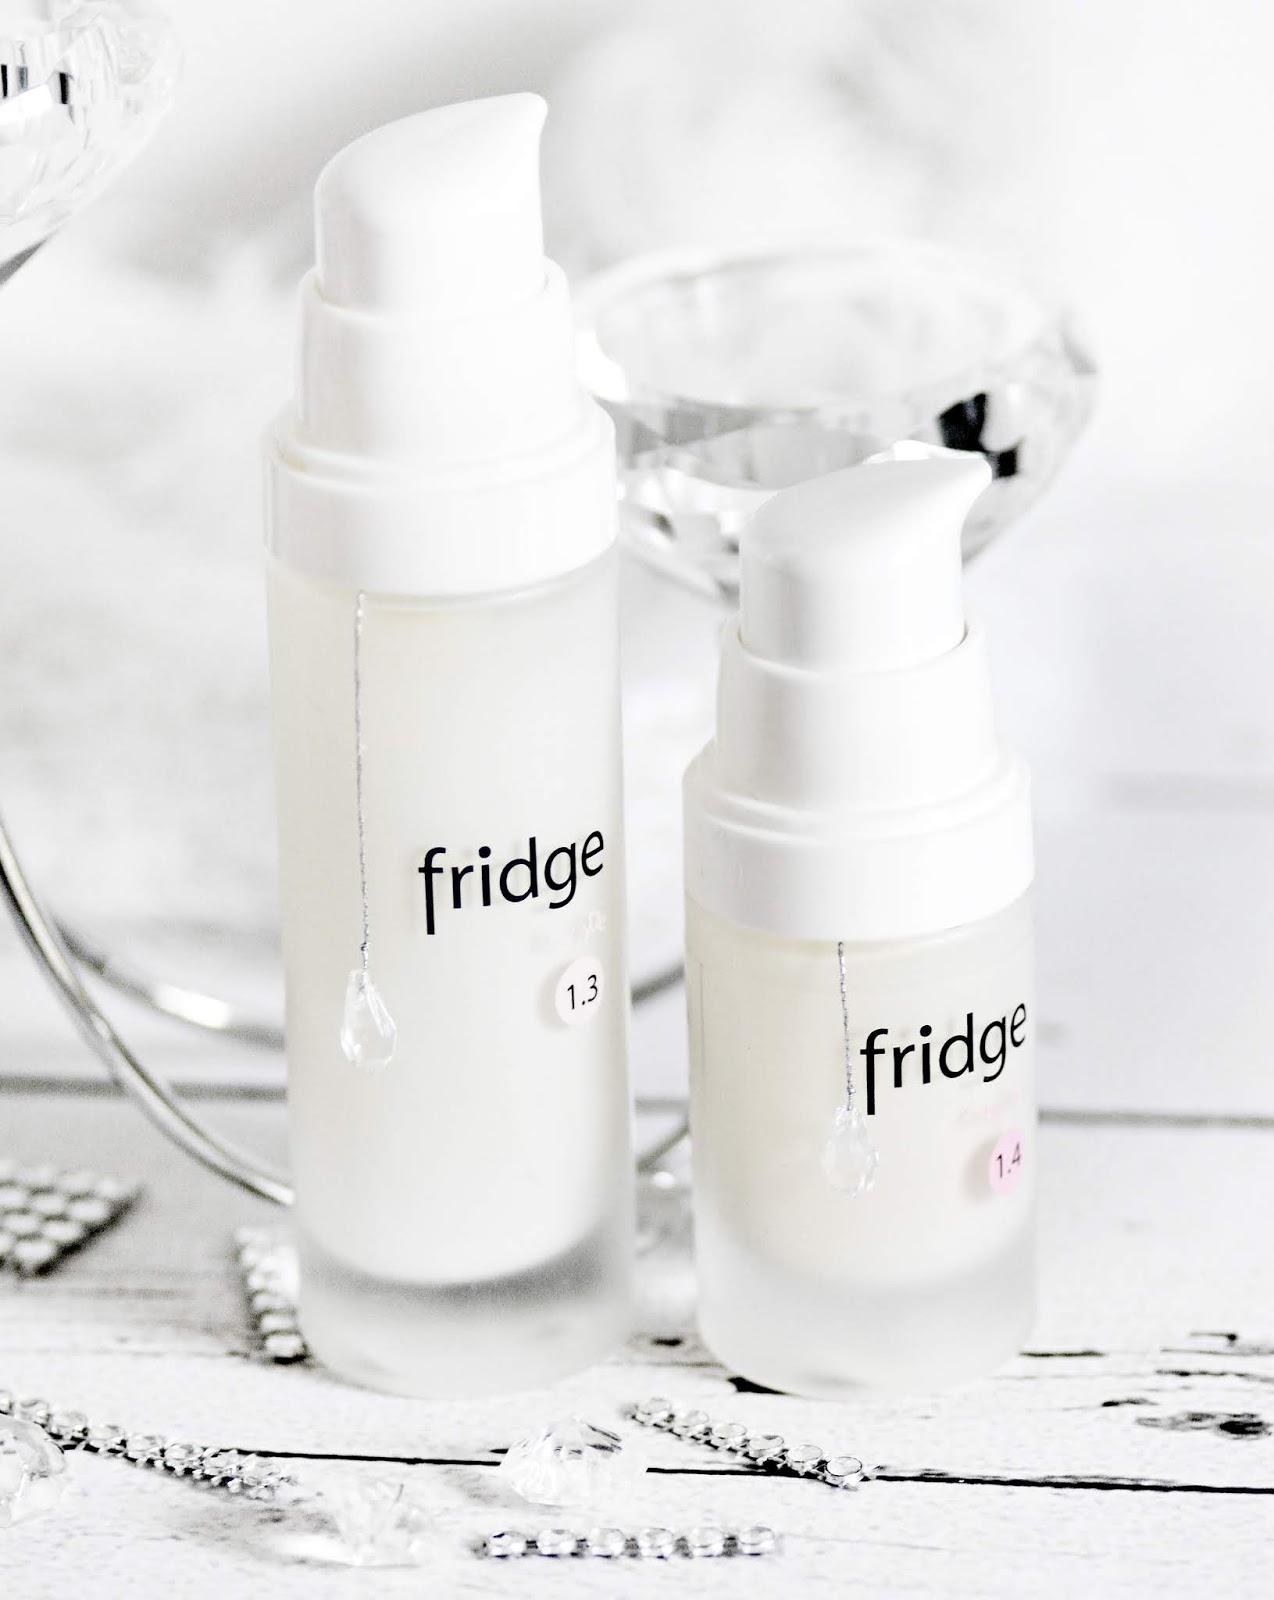 Kosmetyki z lodówki - Fridge by yDe i najlepsze kremy jakie kiedykolwiek używałam.